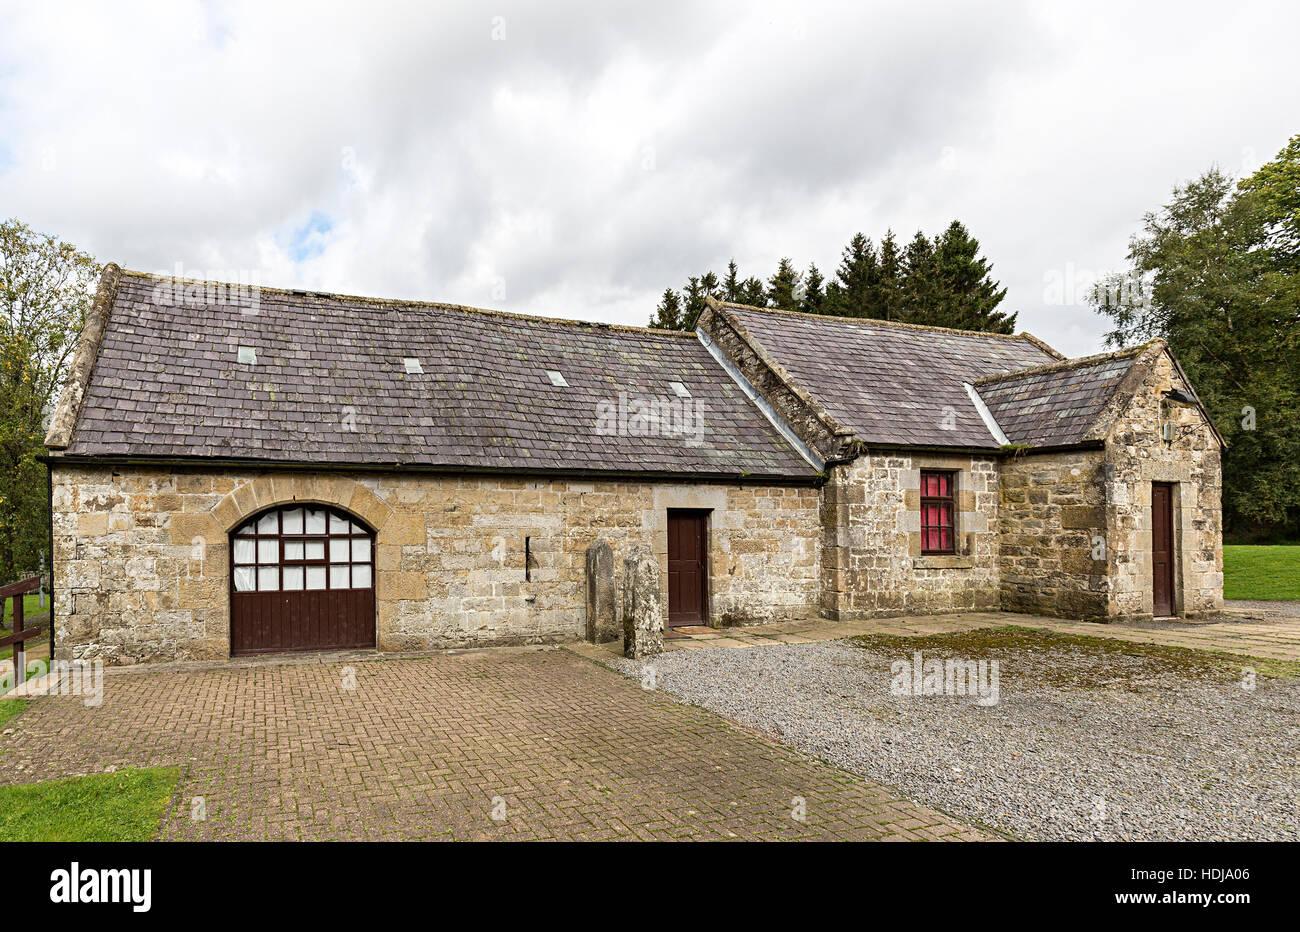 Otterstone Lee Farm, farmstead building at Kielder reservoir, Northumberland, England, UK - Stock Image